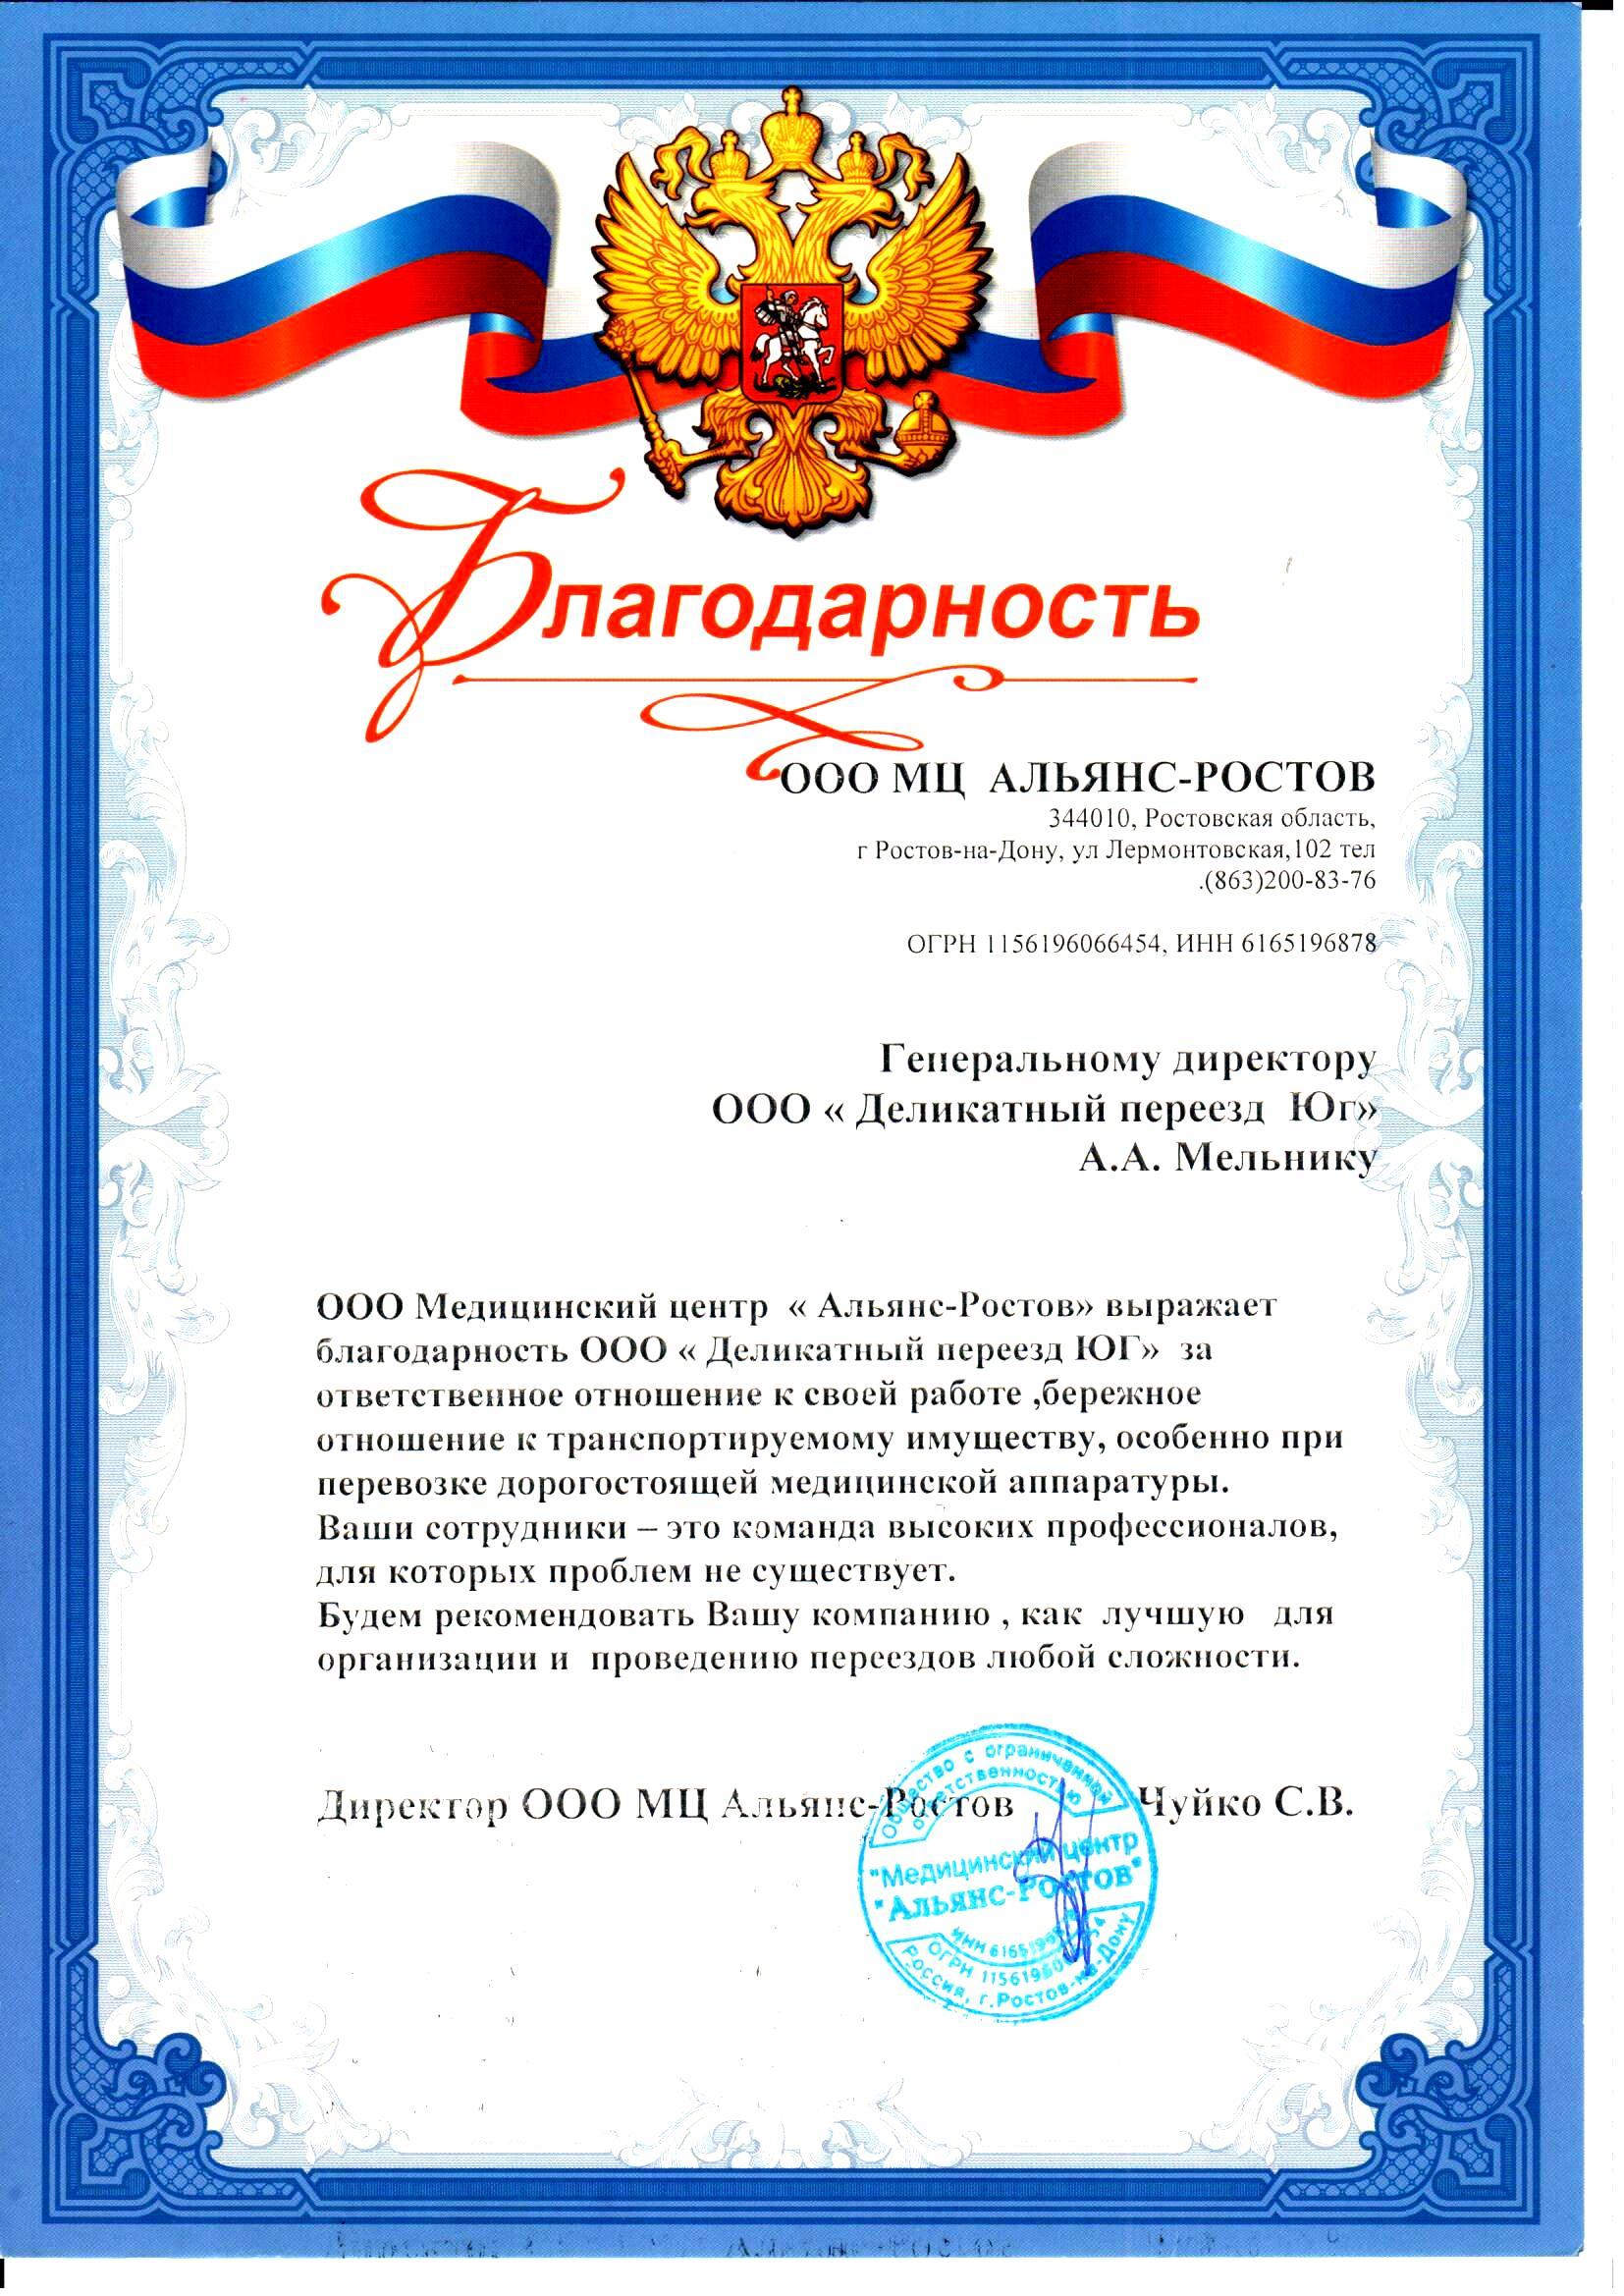 Благодарственное письмо от ООО МЦ «Альянс-Ростов»